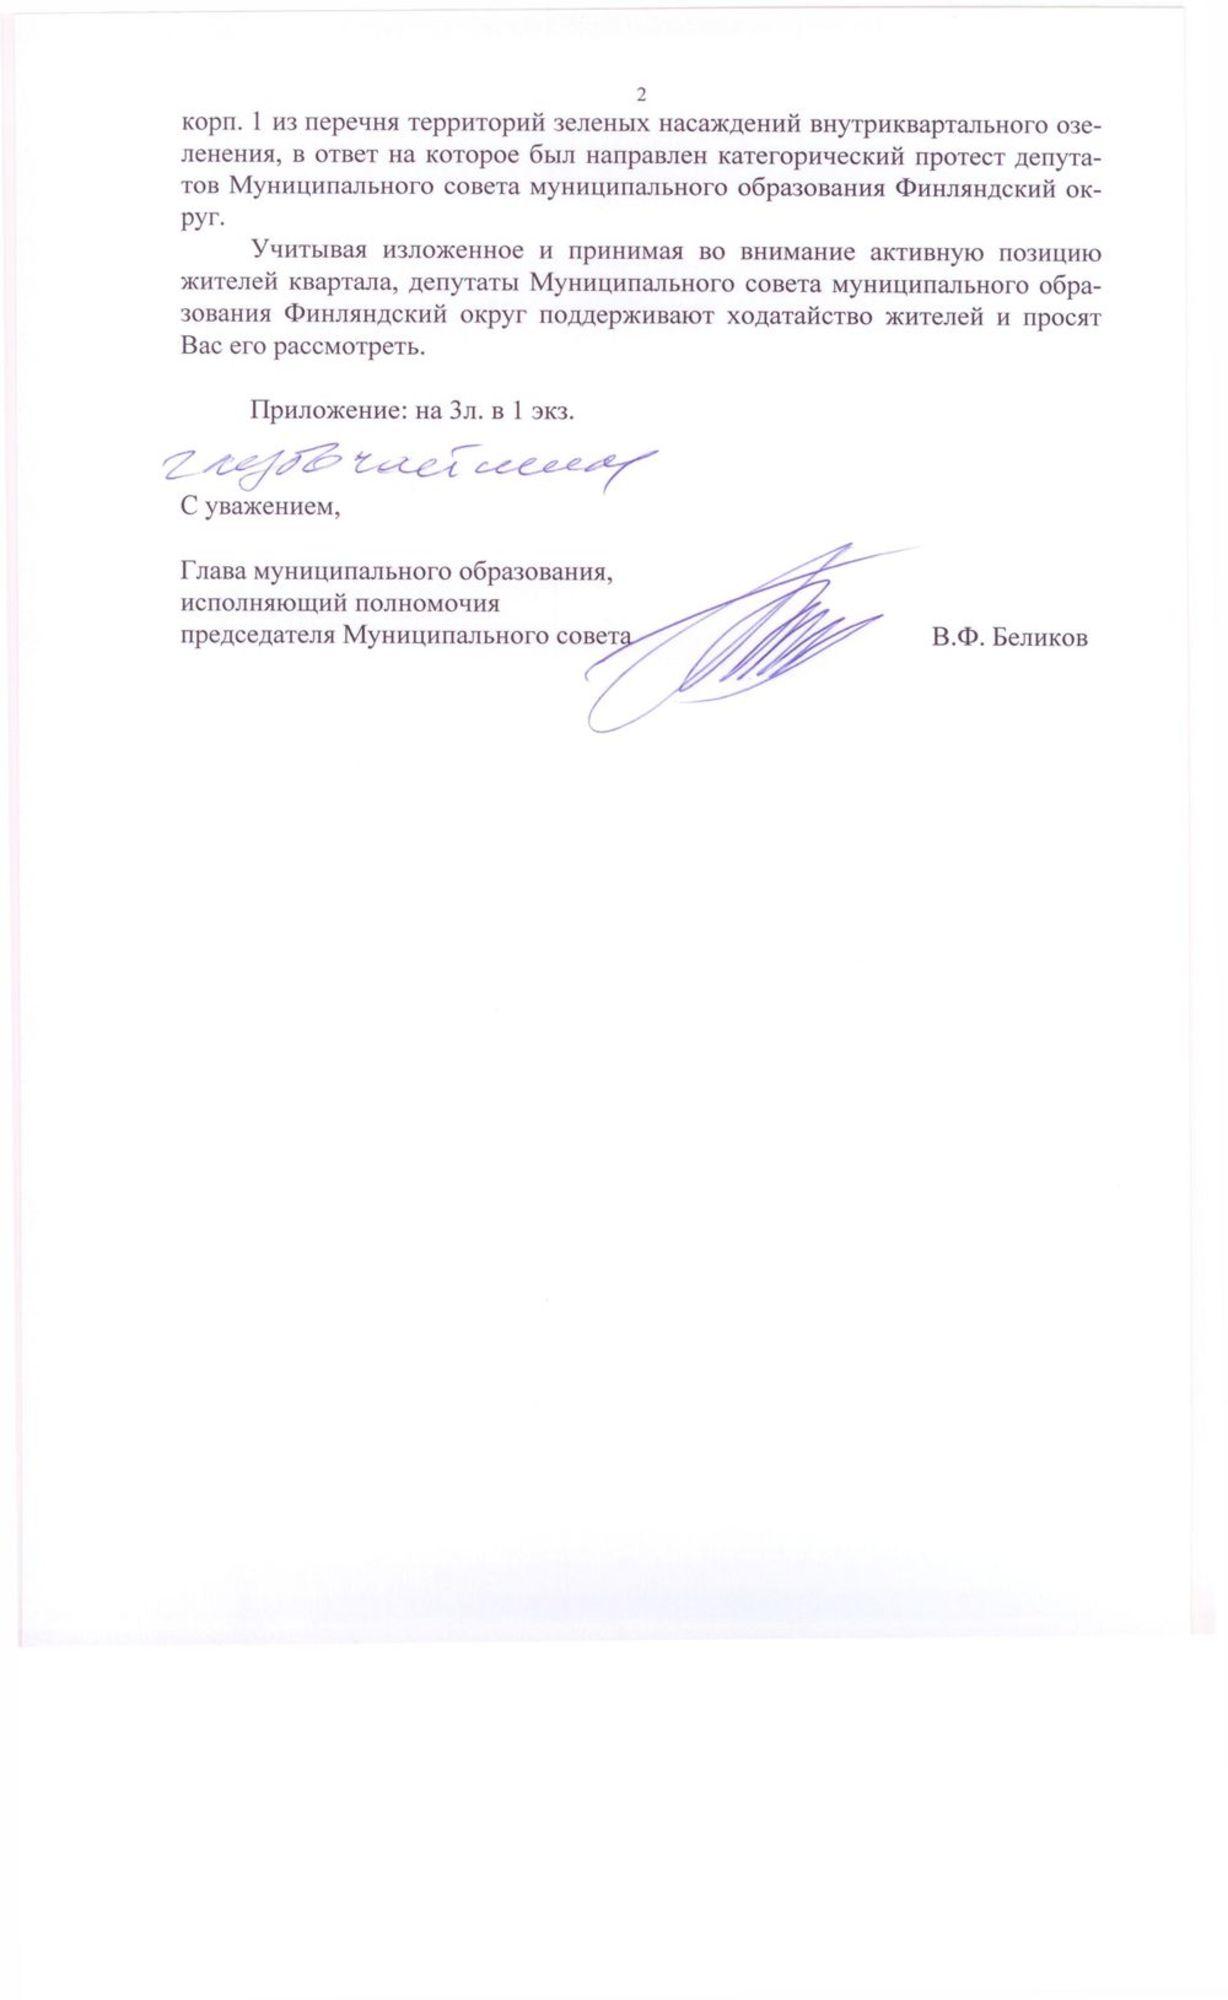 бланк статистики алкоголь приказ 317 от 09.08.2013.